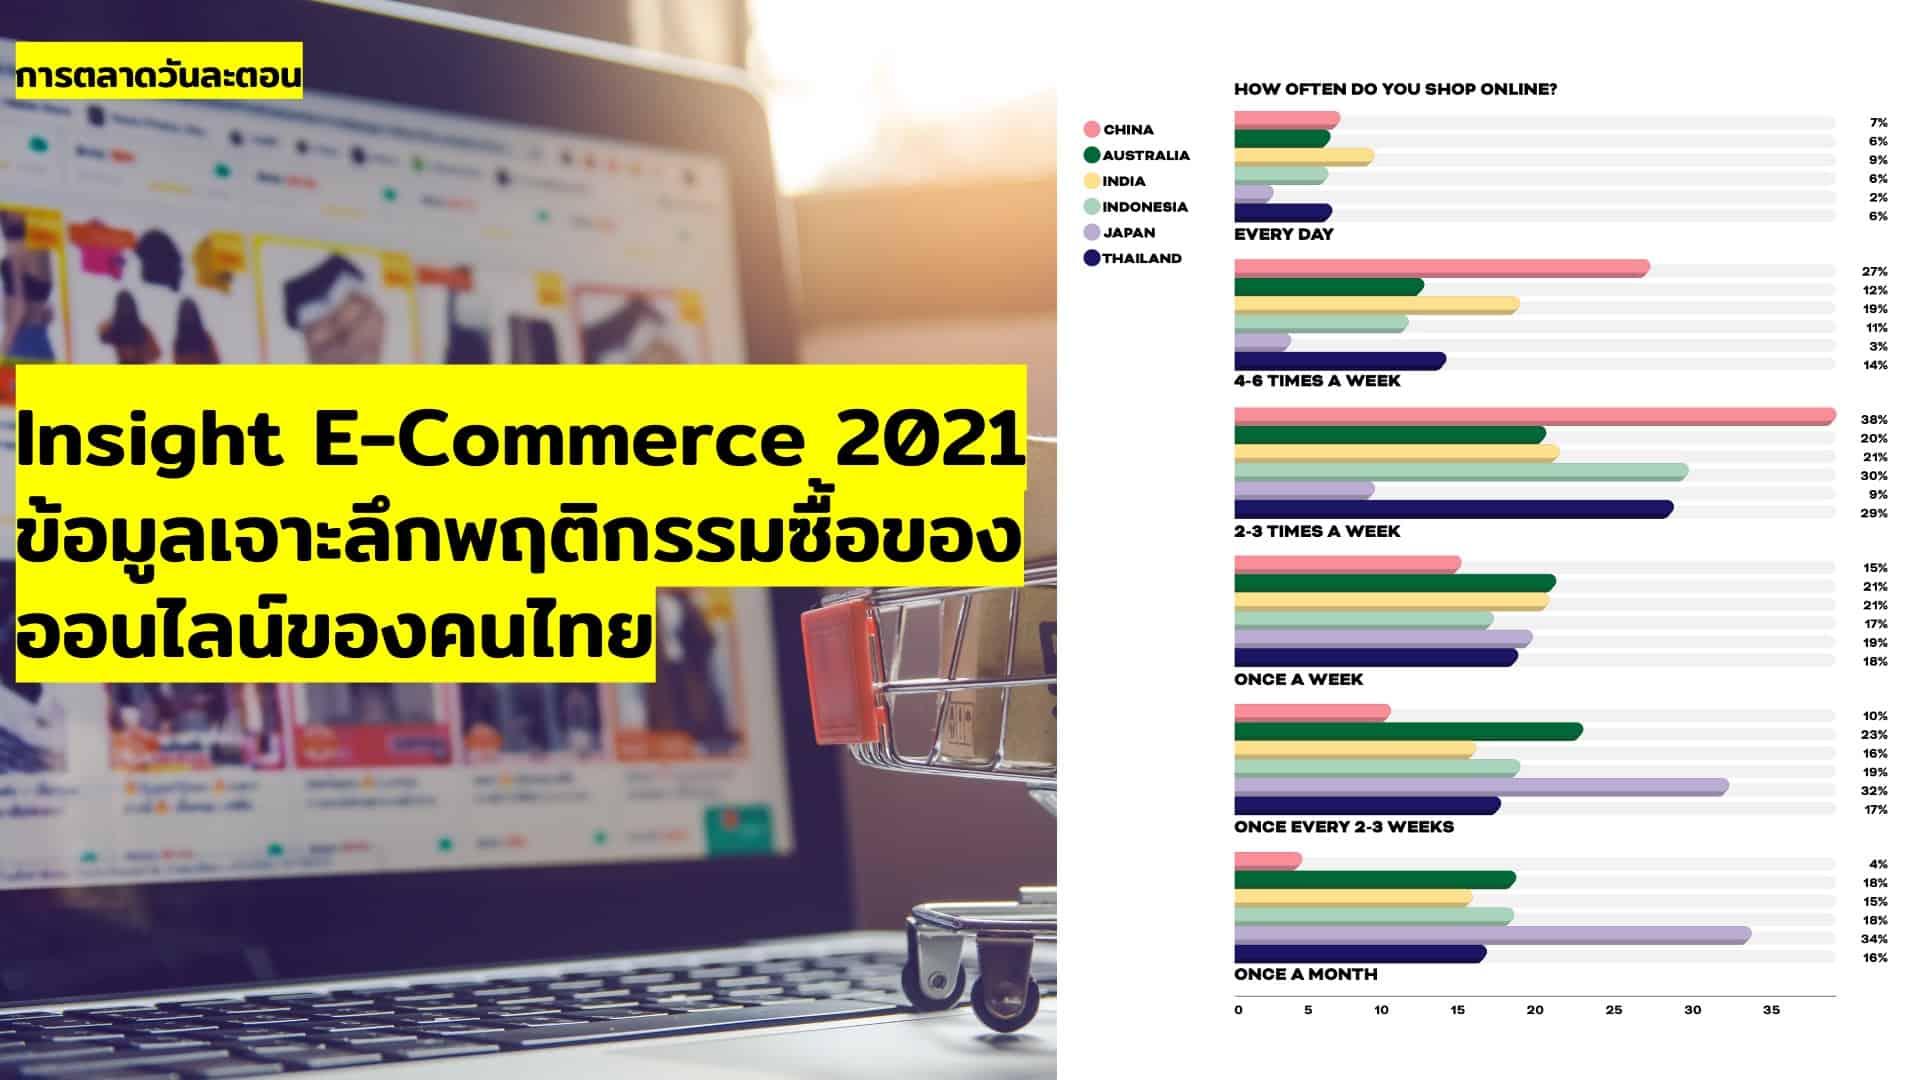 Insight E-Commerce 2021 ข้อมูลเจาะลึกพฤติกรรมการช้อปปิ้งออนไลน์ของคนไทย